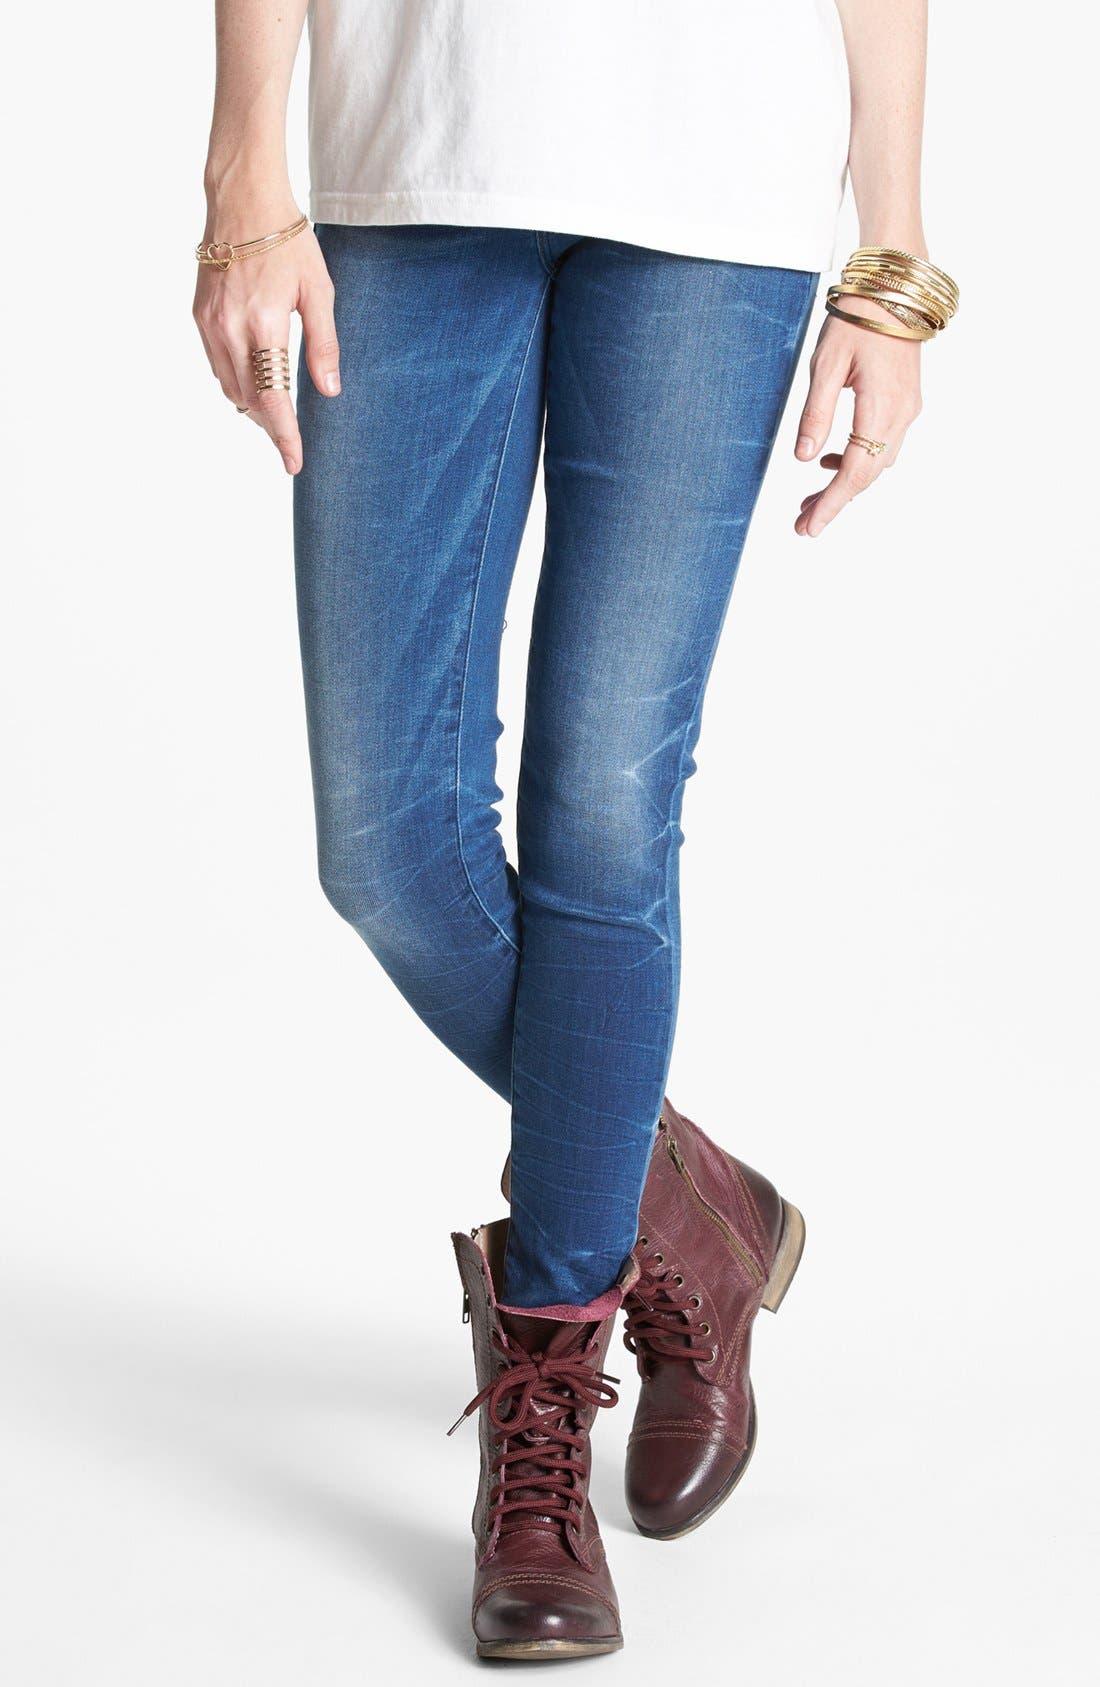 Alternate Image 1 Selected - Levi's® 'Core Better Legging' Skinny Jeans (Blue)